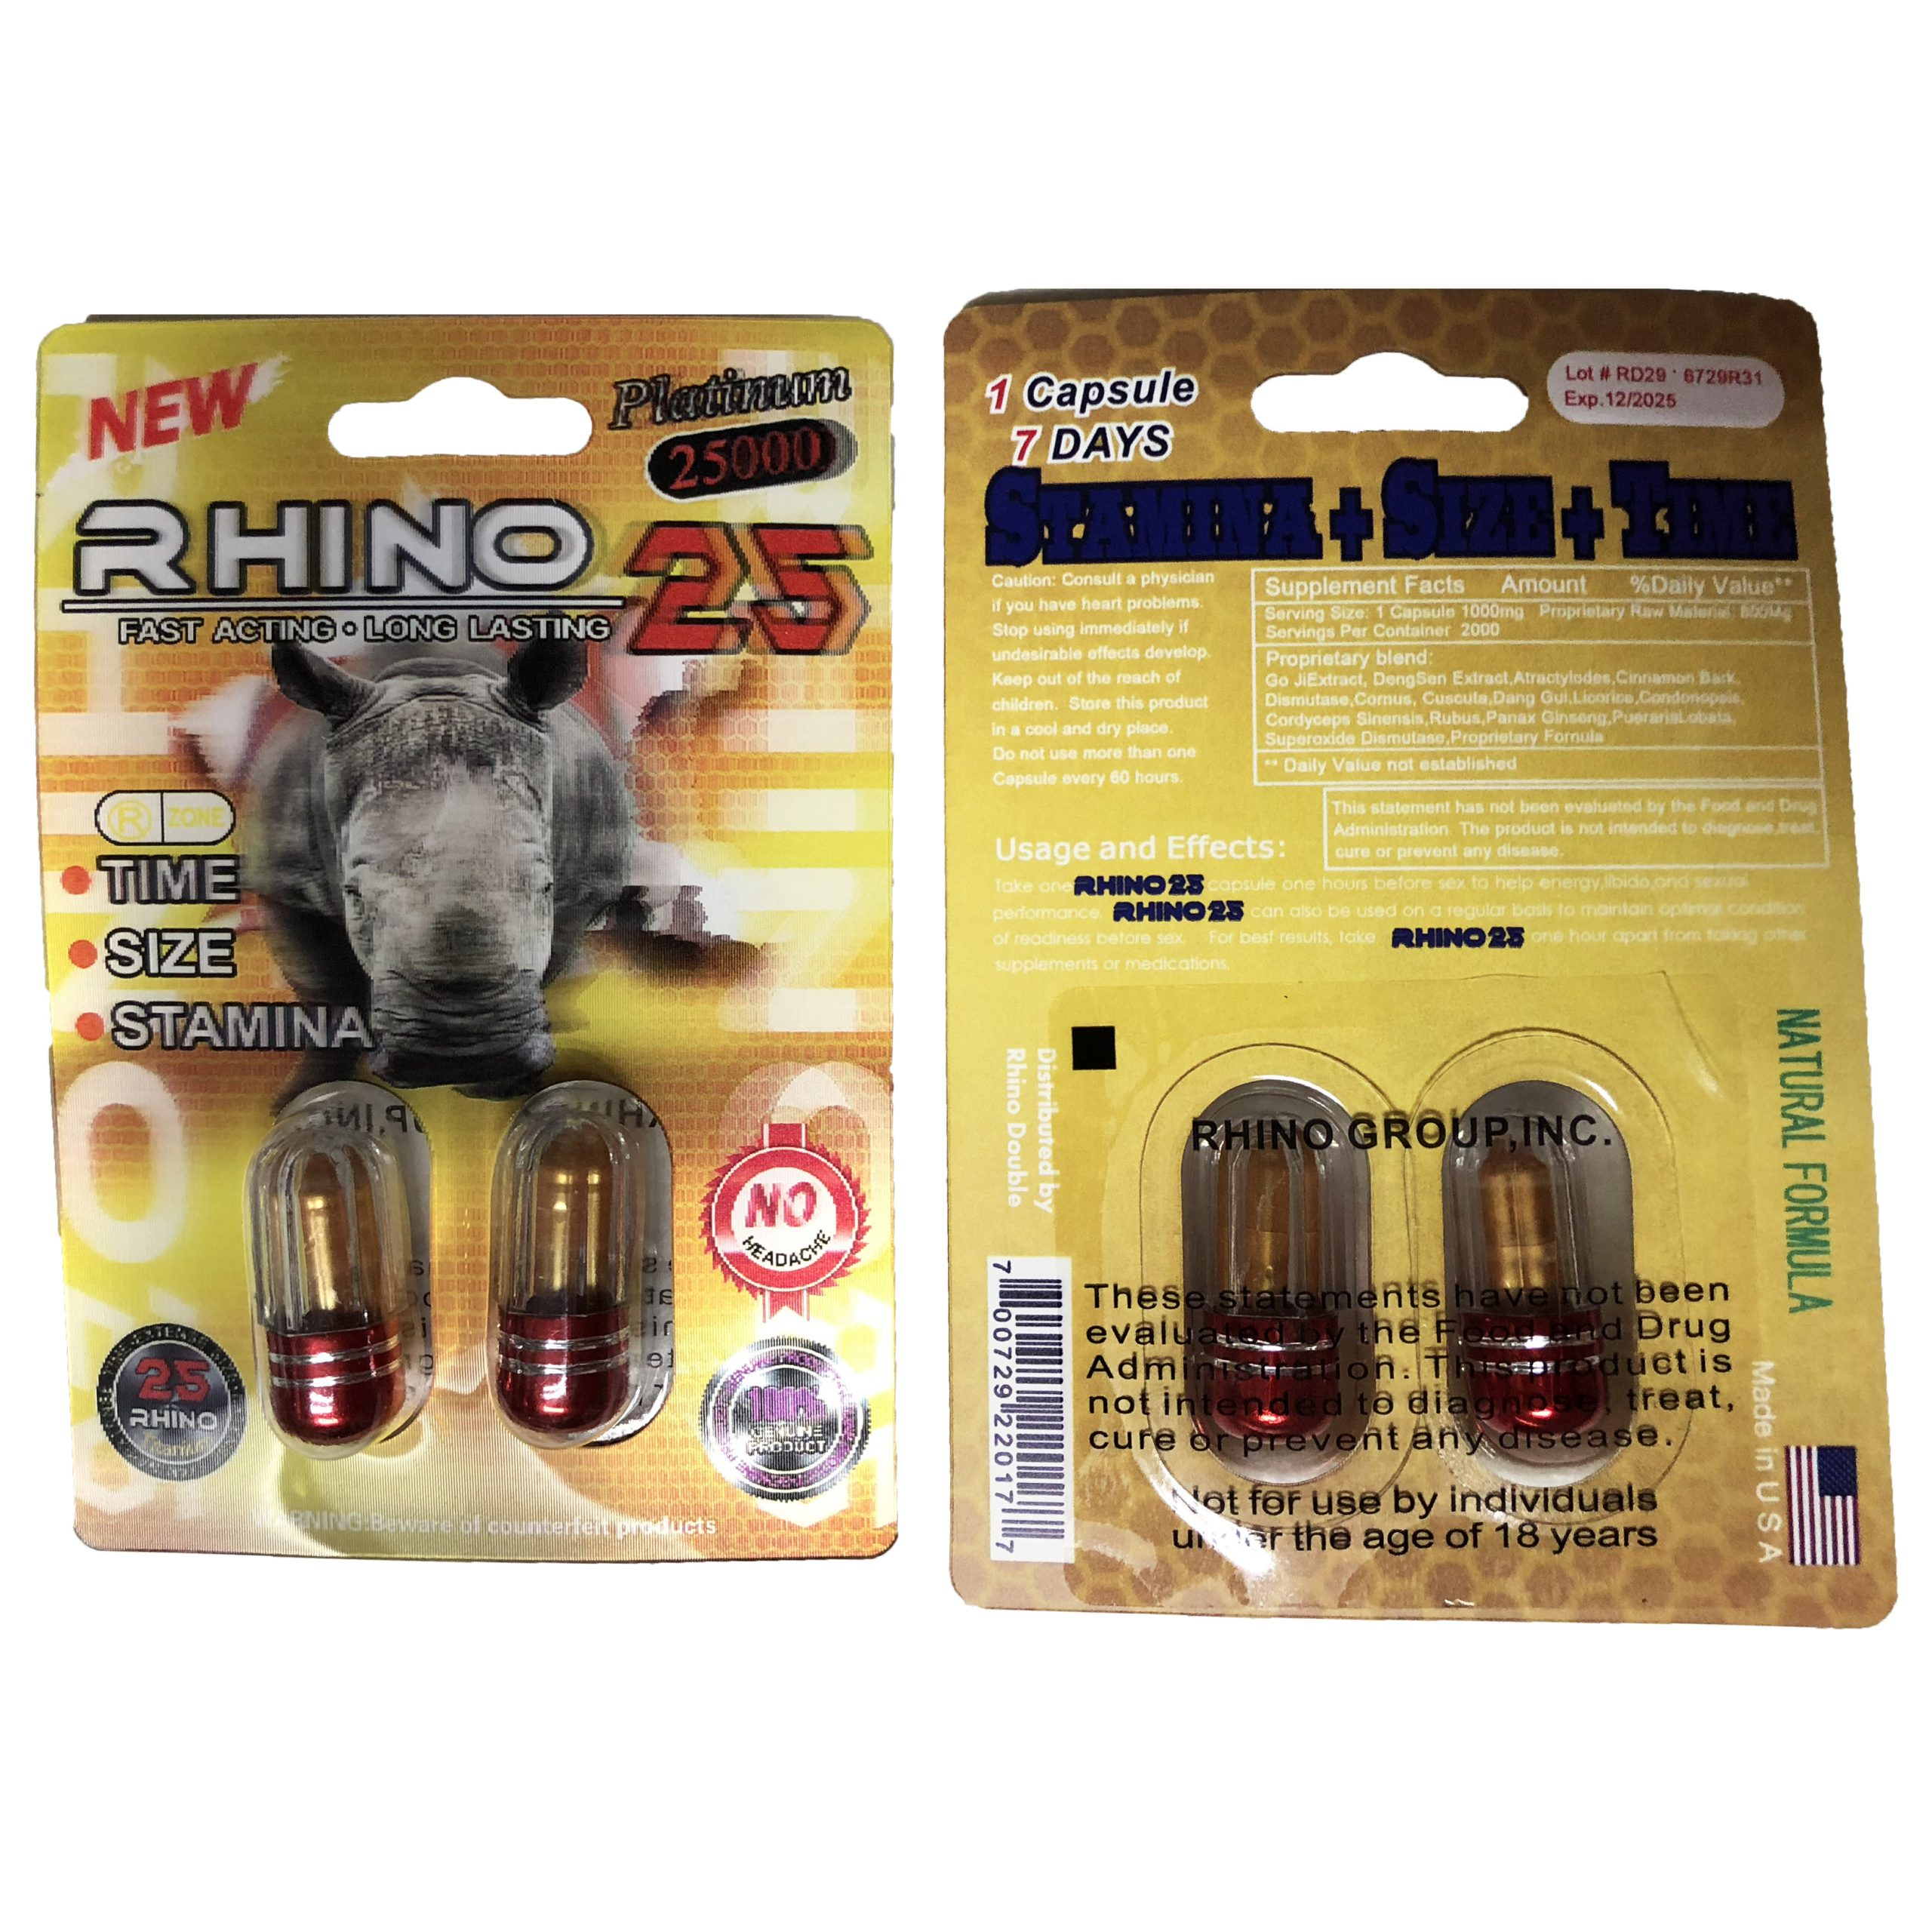 Rhino 25 25000 6 Pill Pack